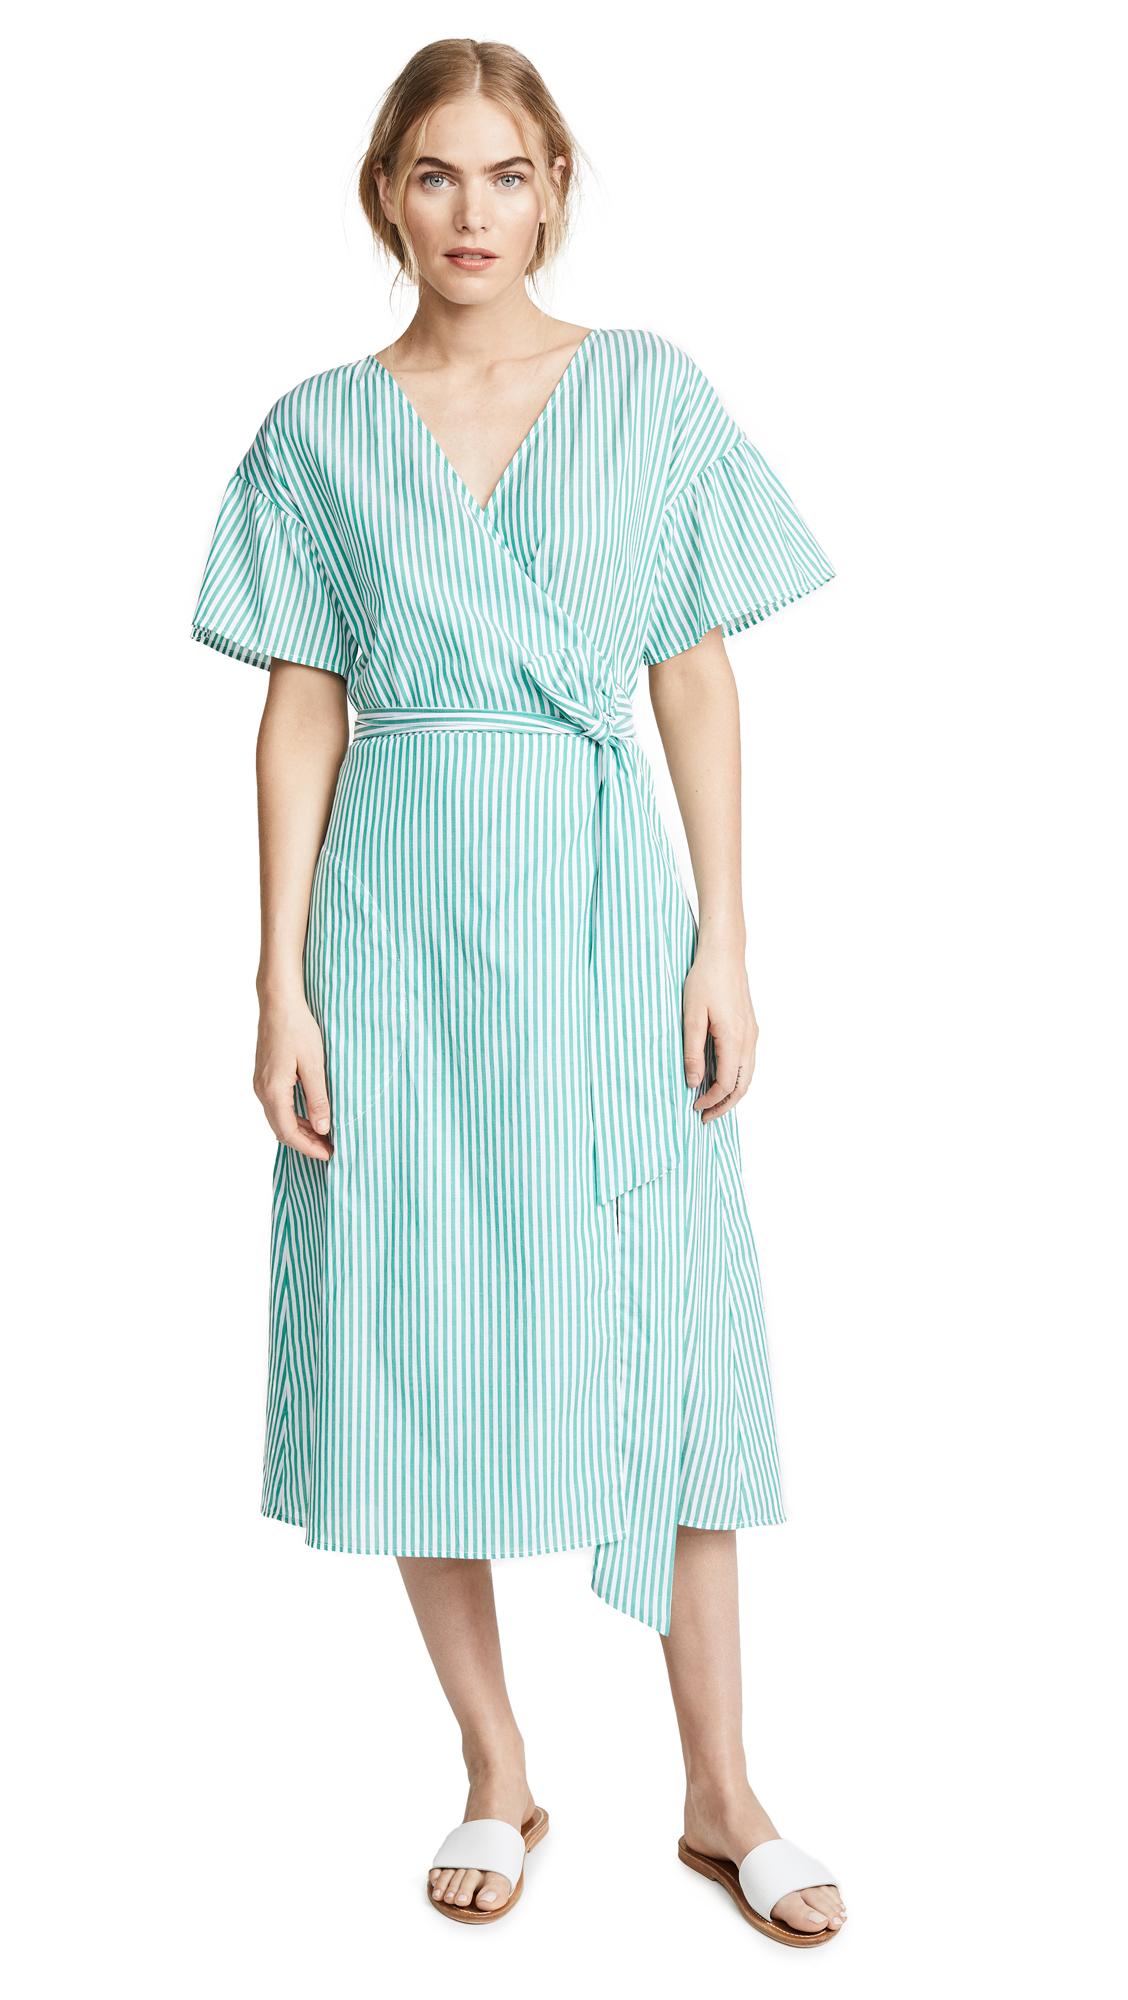 Velvet Jayel Striped Dress In Green